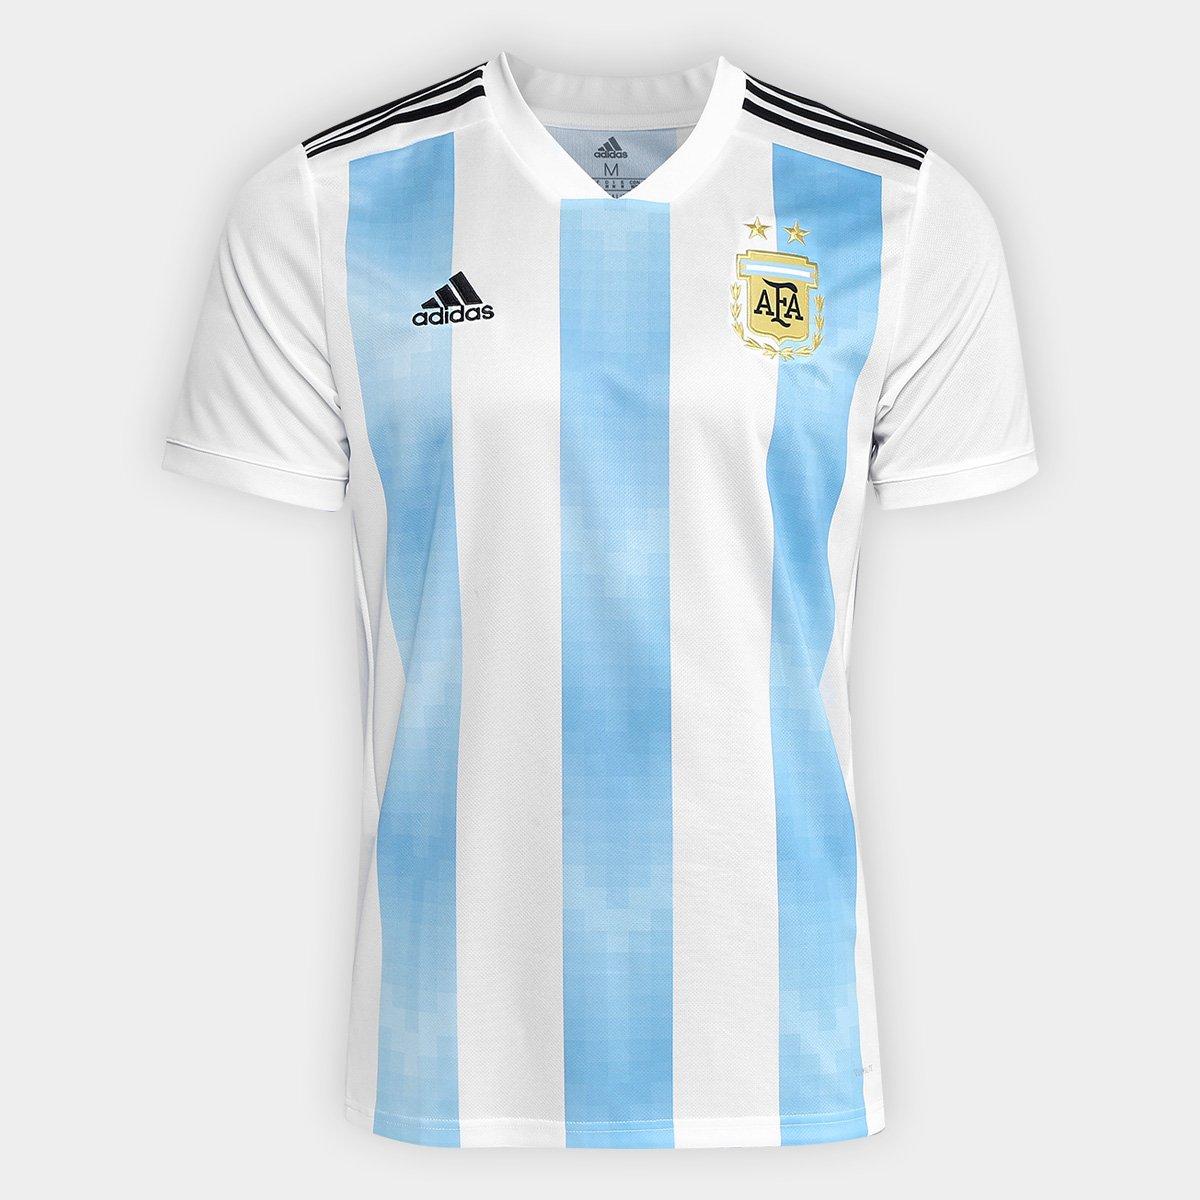 Camisa Seleção Argentina Home 2018 s n° Torcedor Adidas Masculina - Branco  e Azul Claro - Compre Agora  b31e01b8f86